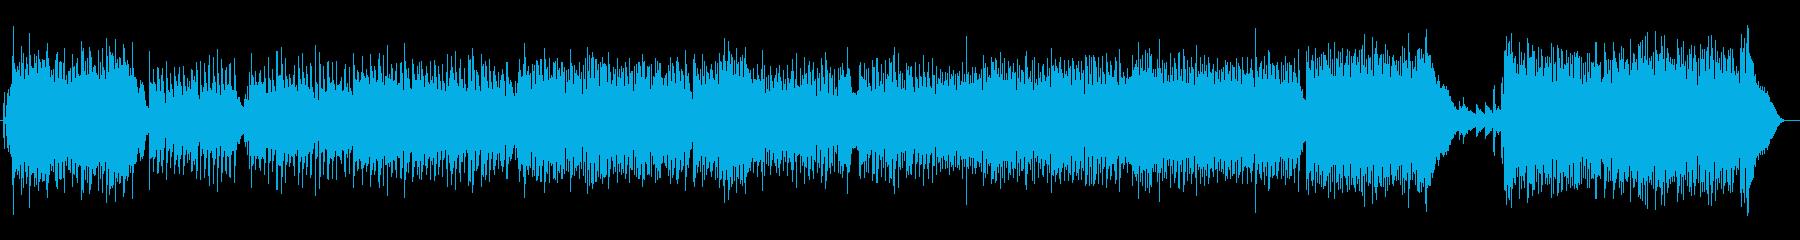 生演奏・爽やか_軽快カントリー調ポップスの再生済みの波形